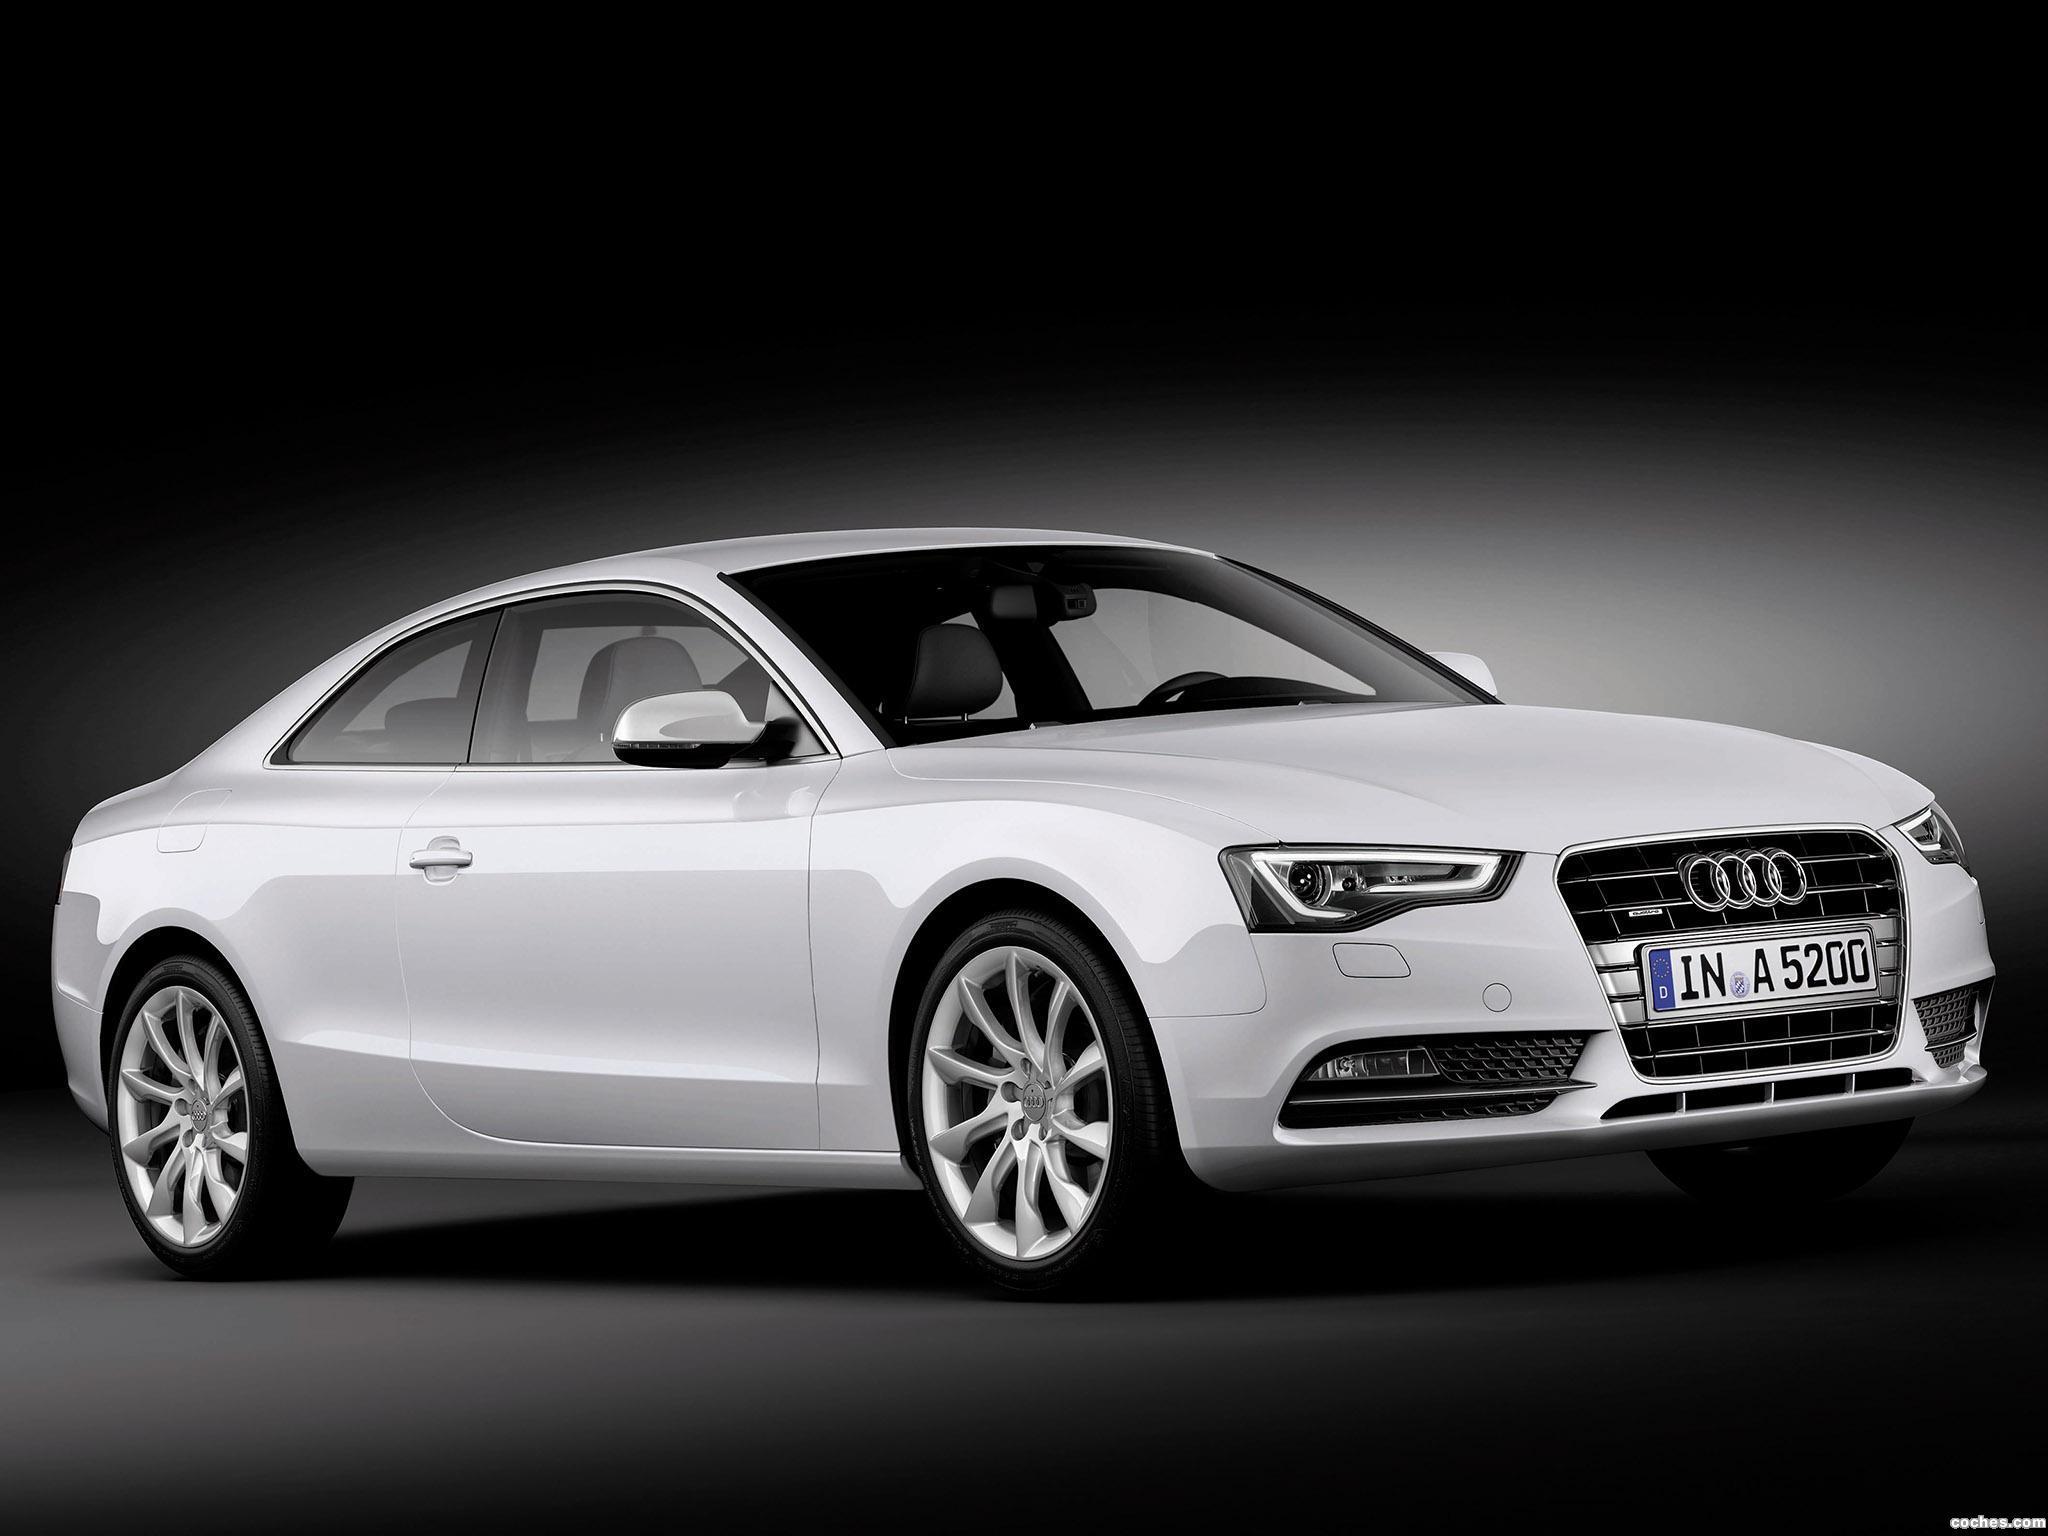 Foto 0 de Audi A5 Coupe 2011